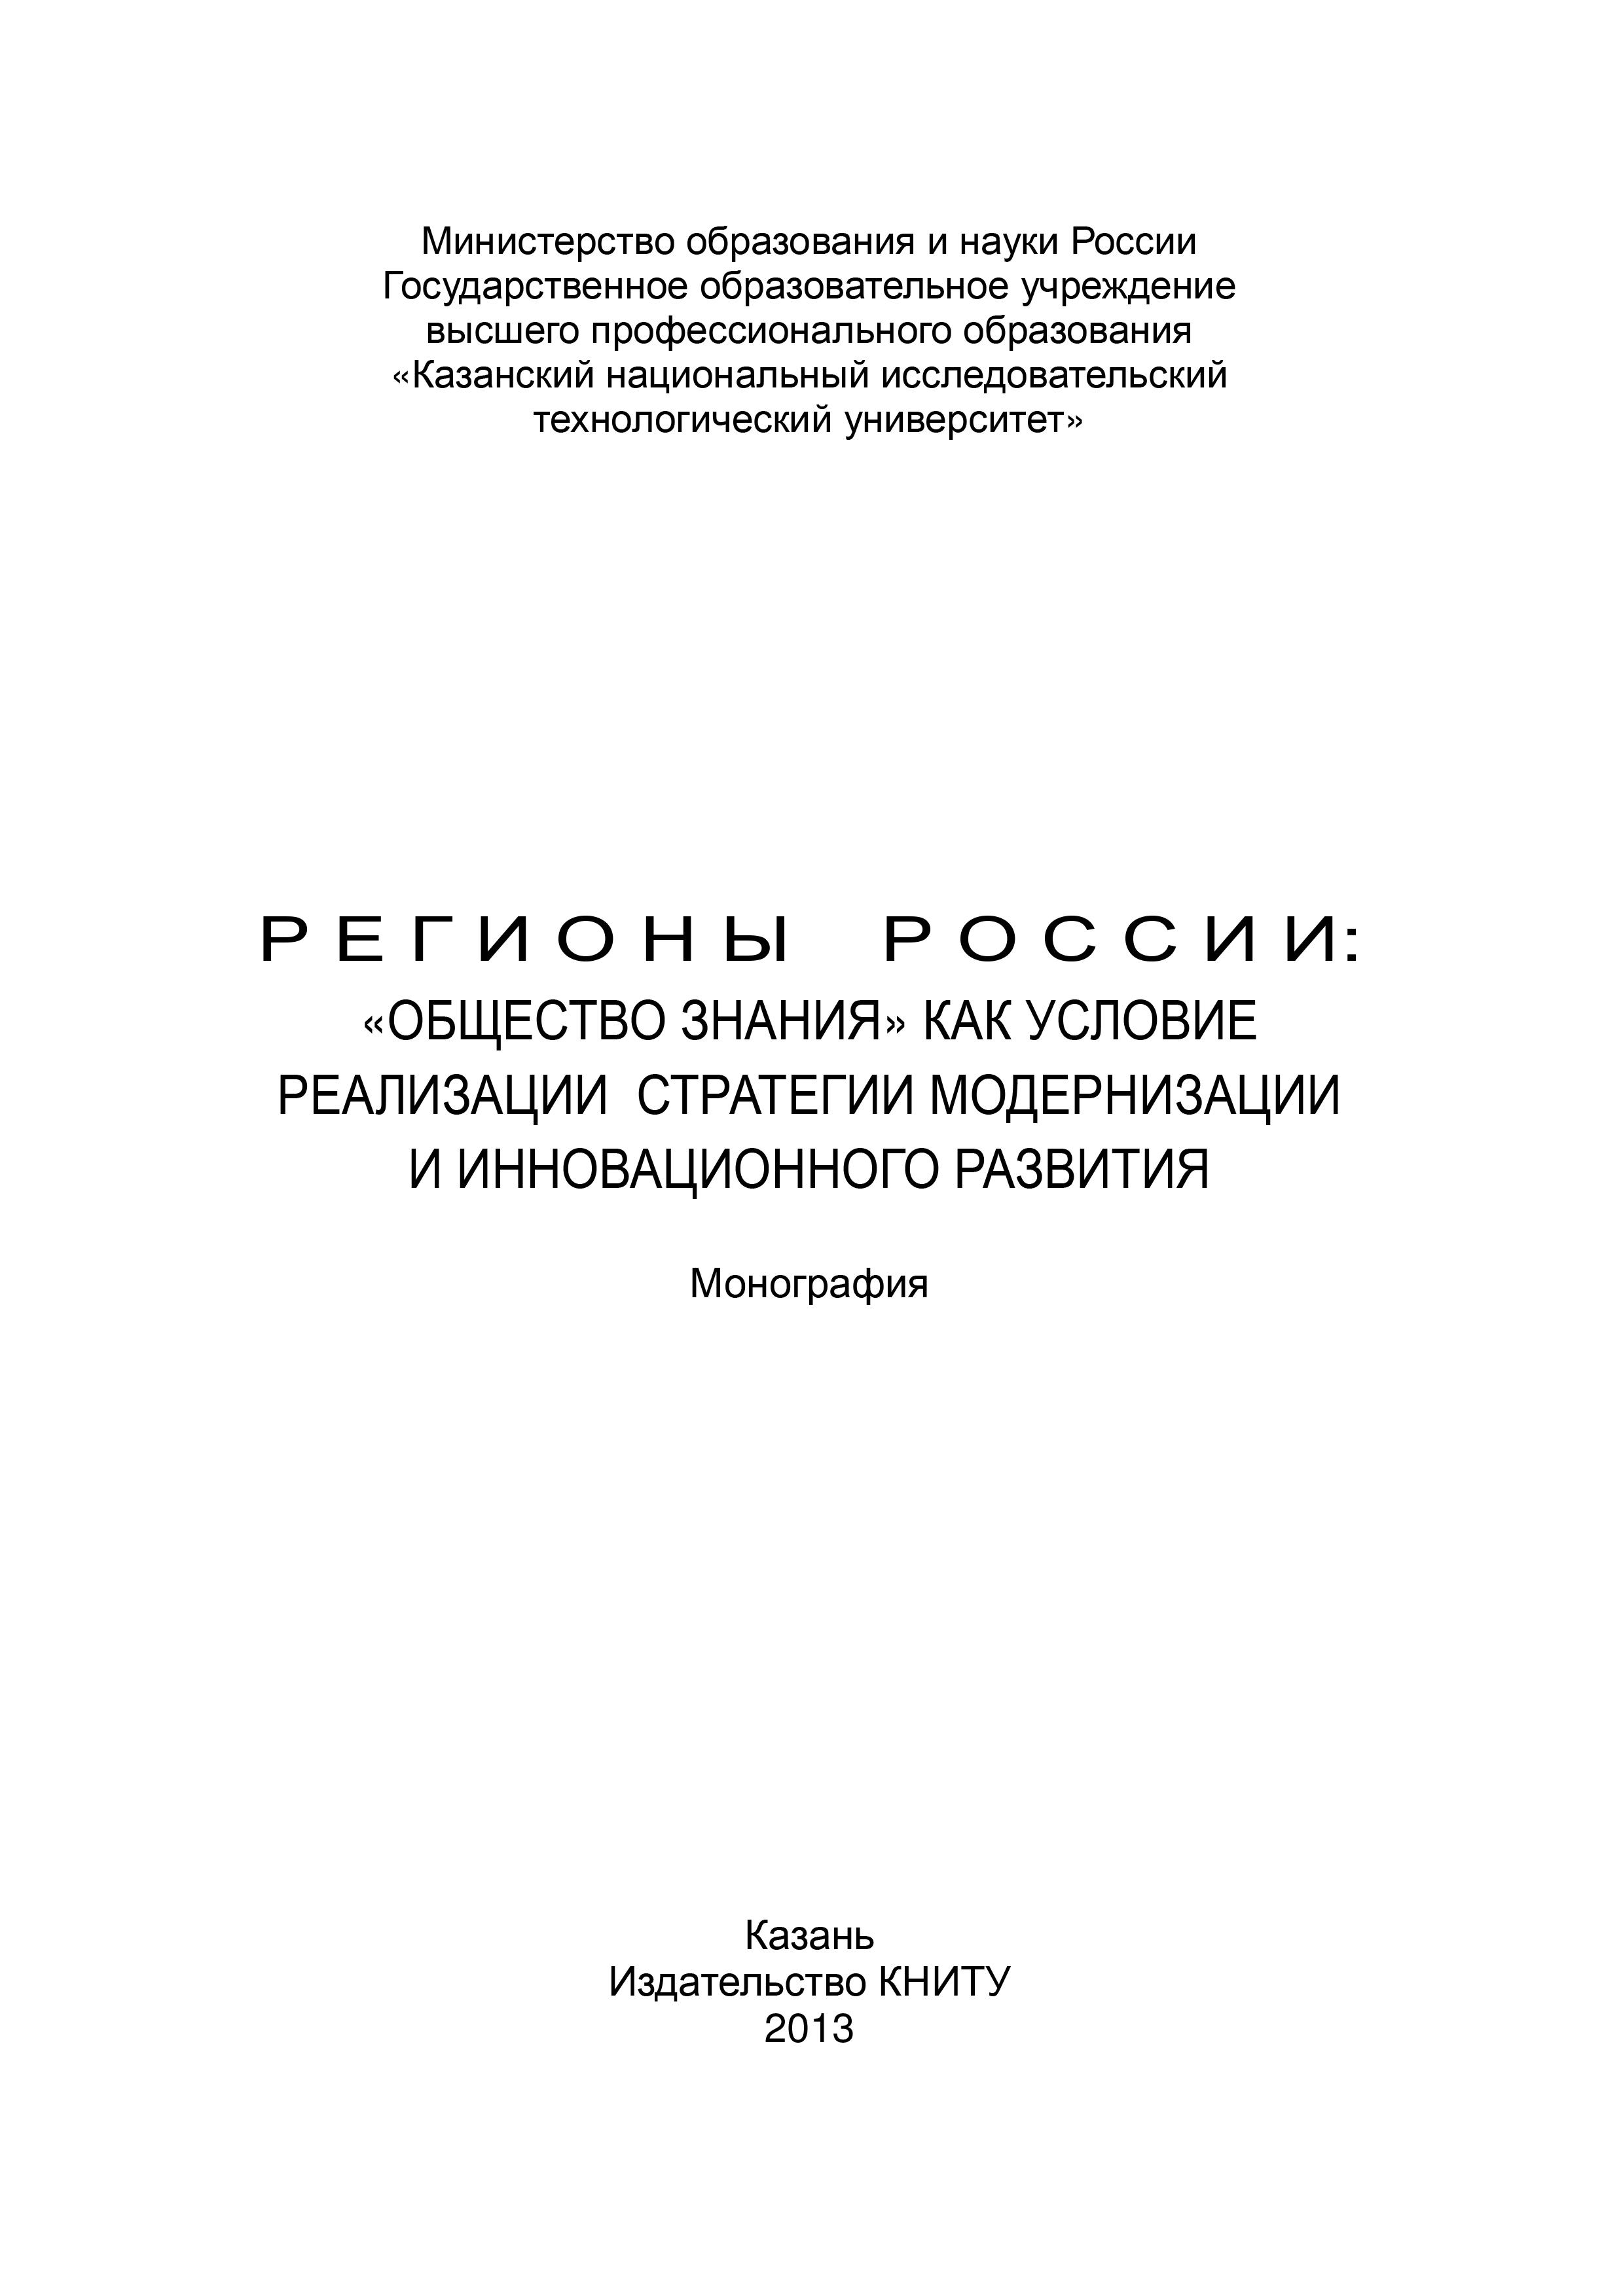 Регионы России: «Общество знания» как условие реализации стратегии модернизации и инновационного развития